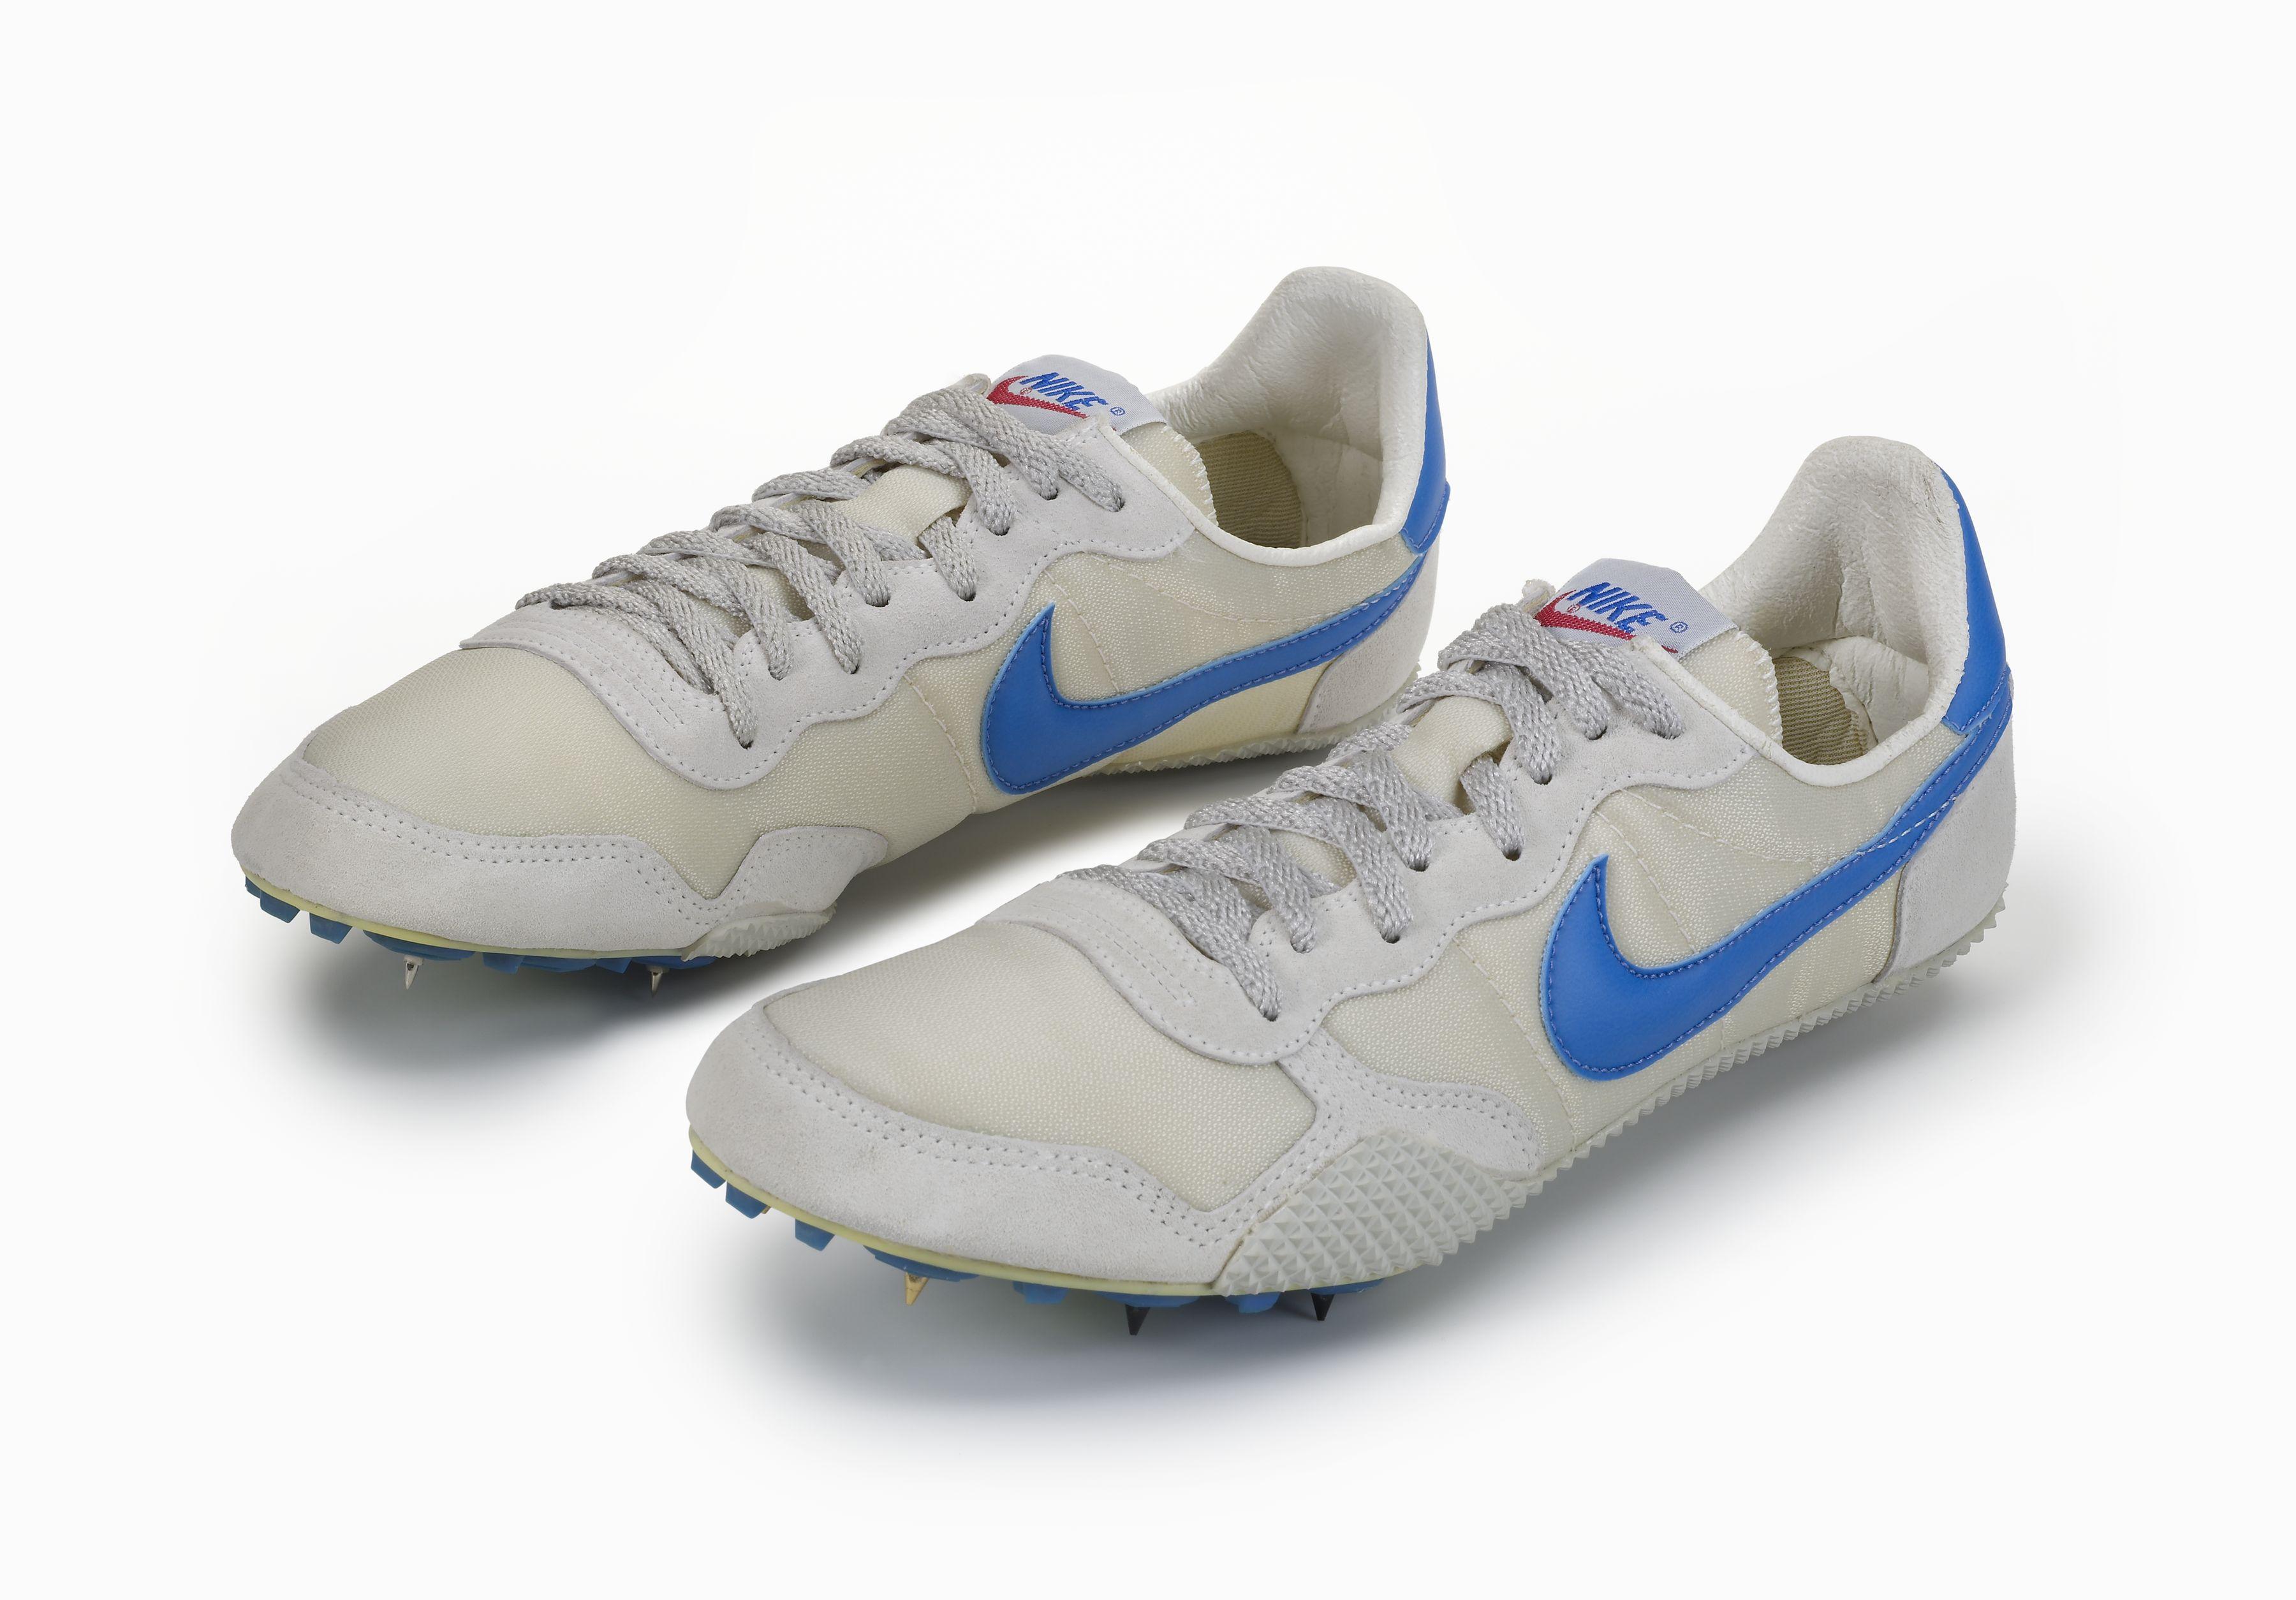 a9ea14dfa18f6 The Visual History of the Nike Track Spike - Nike News